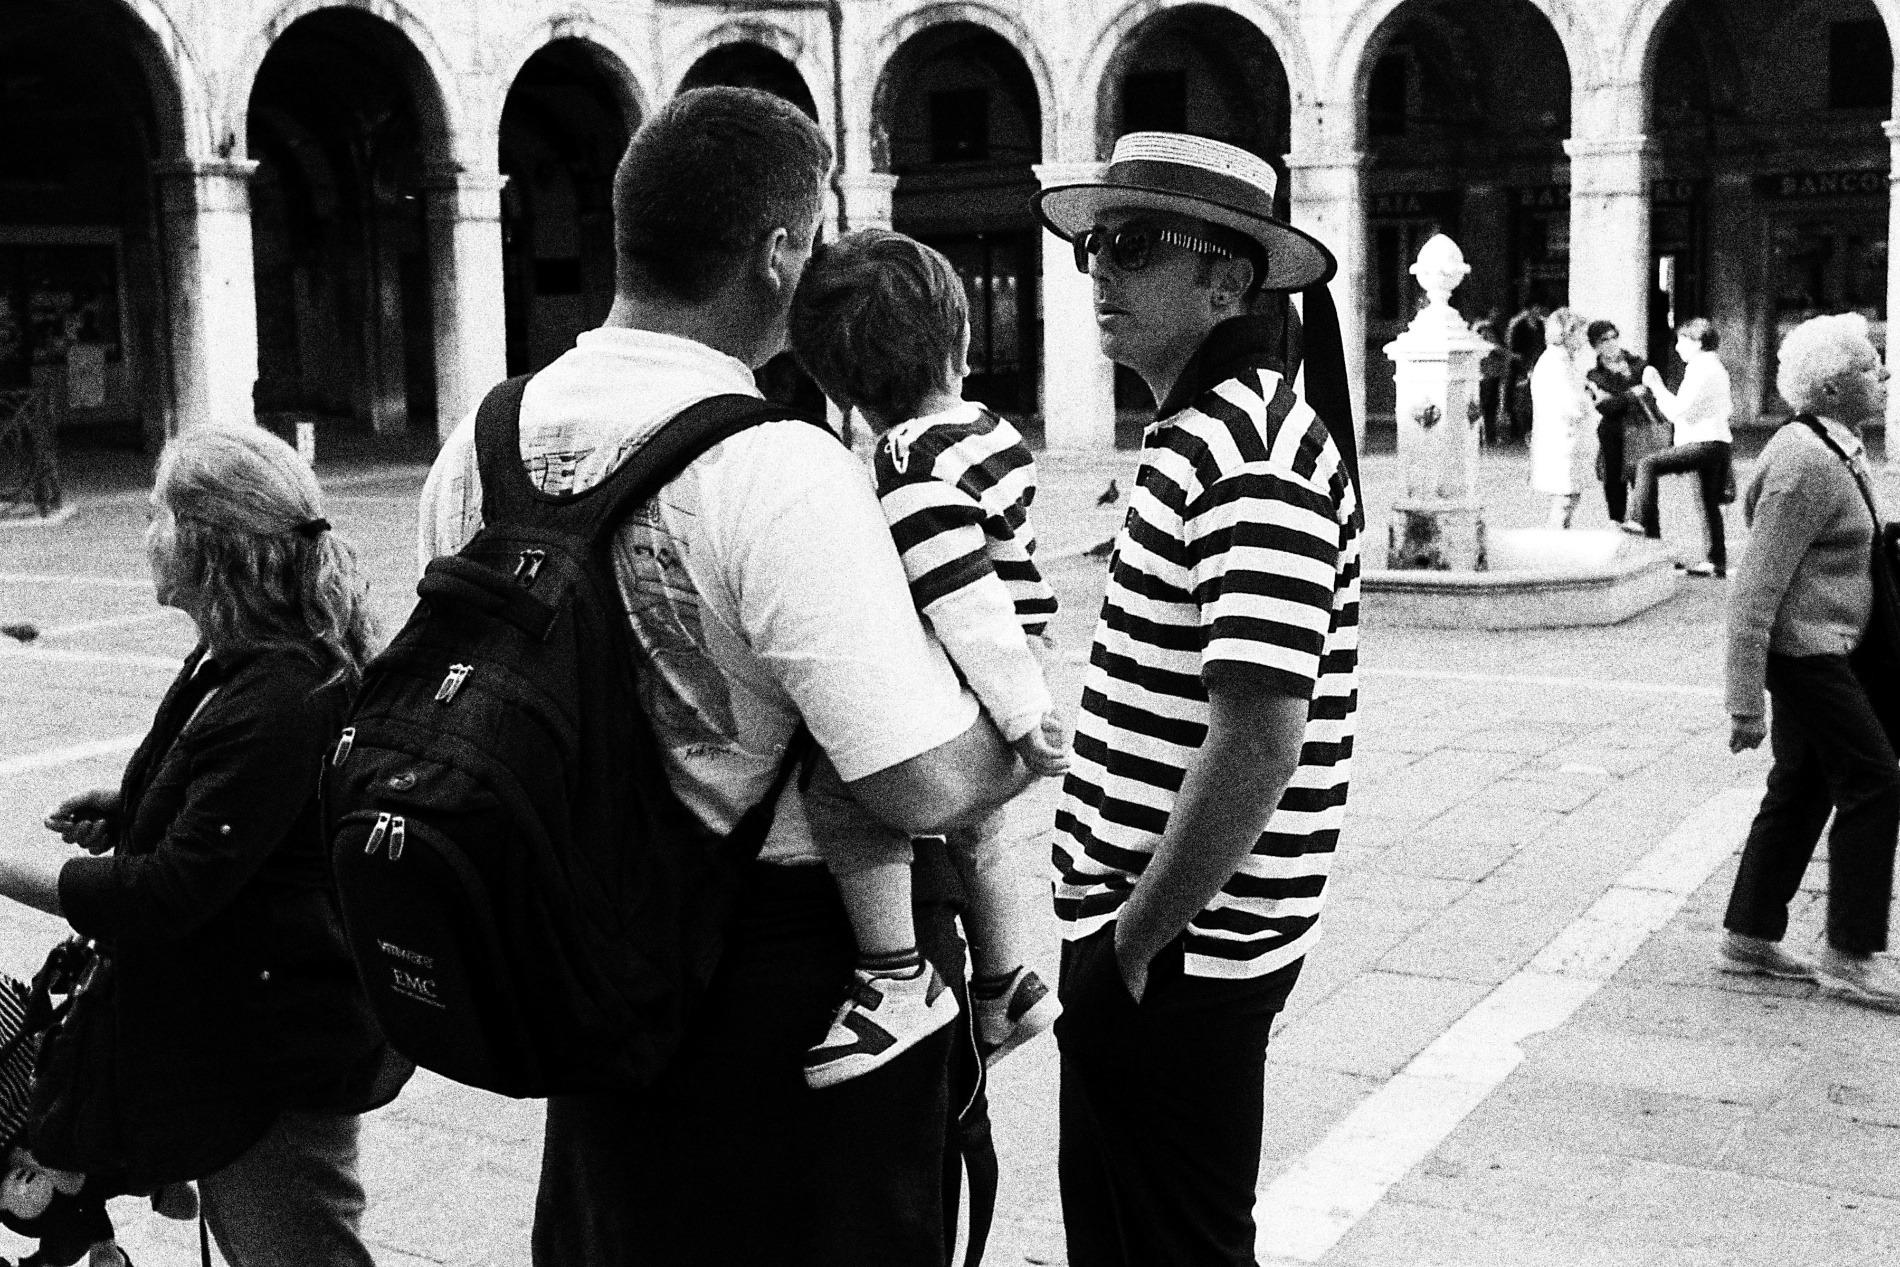 2013-05-22 at 12-15-08, street film venice.jpg